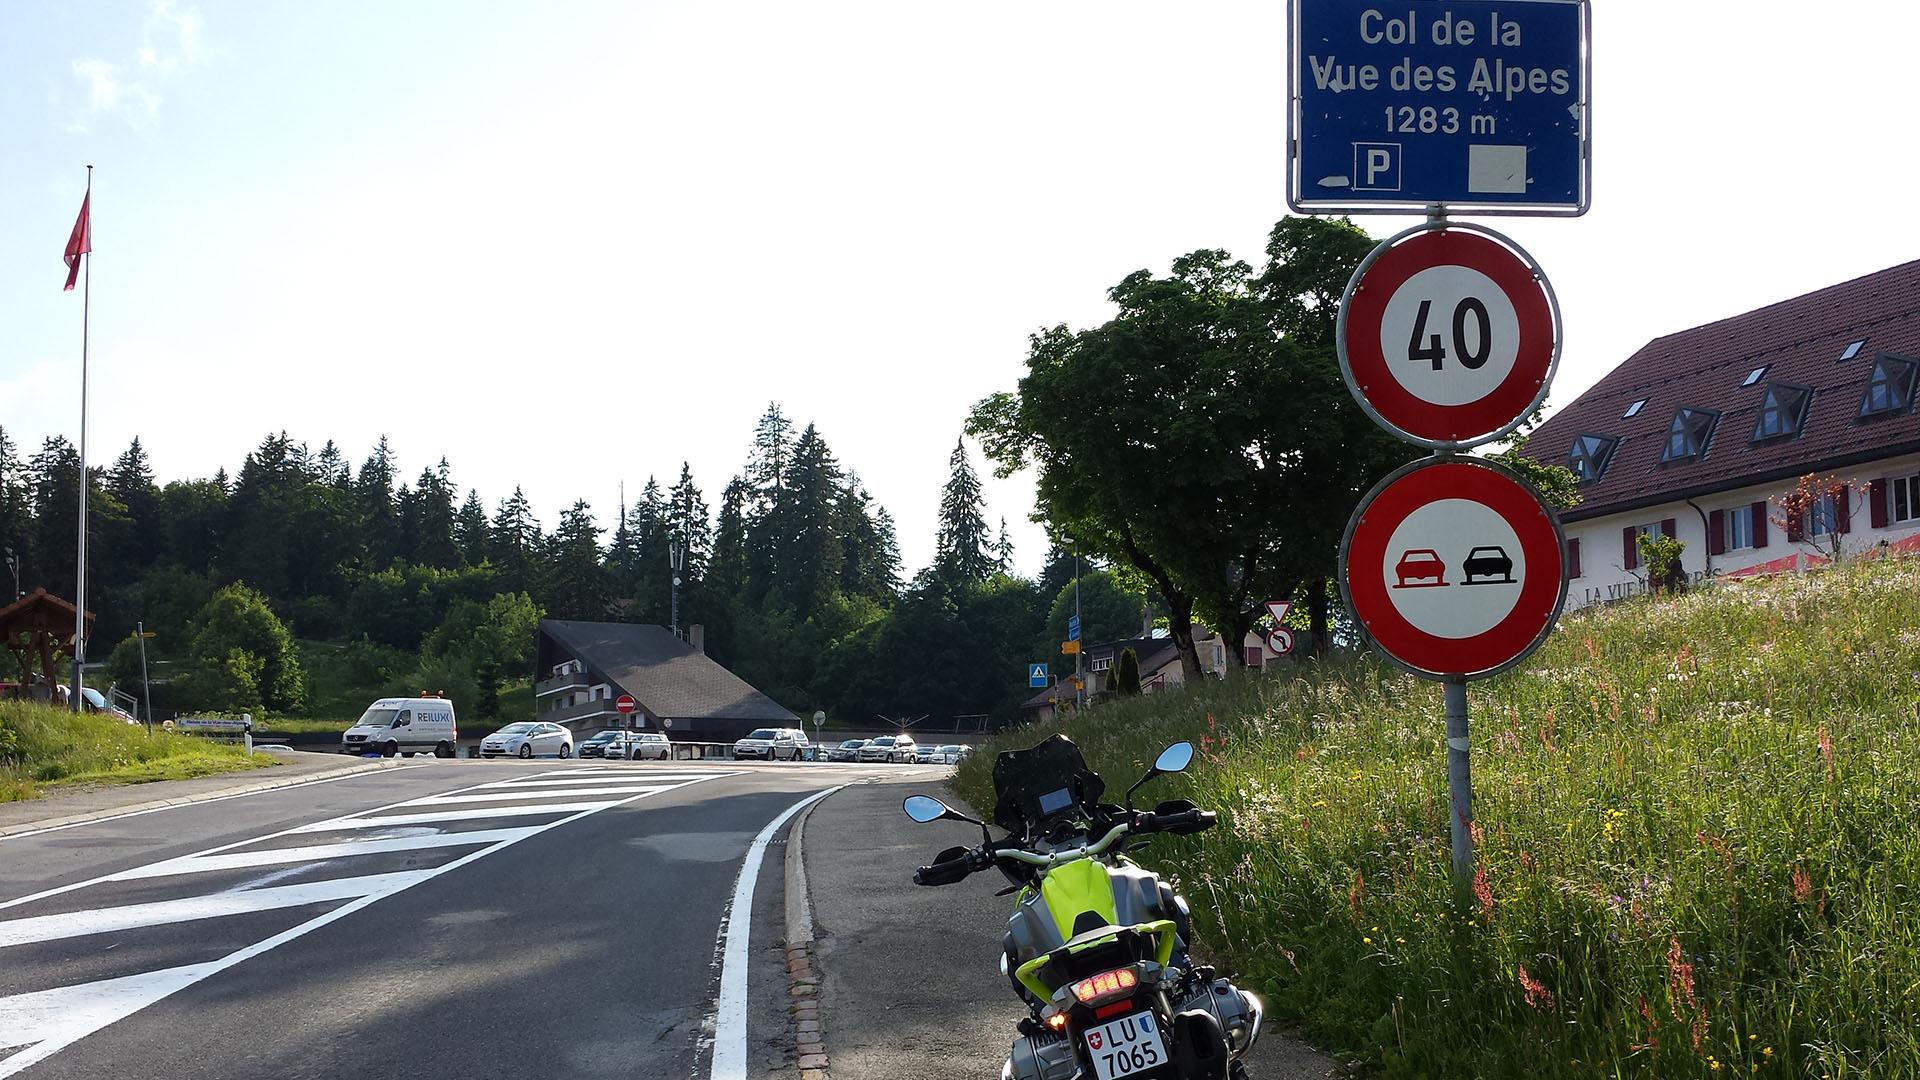 1283 - CH - Col de la Vue des Alpes